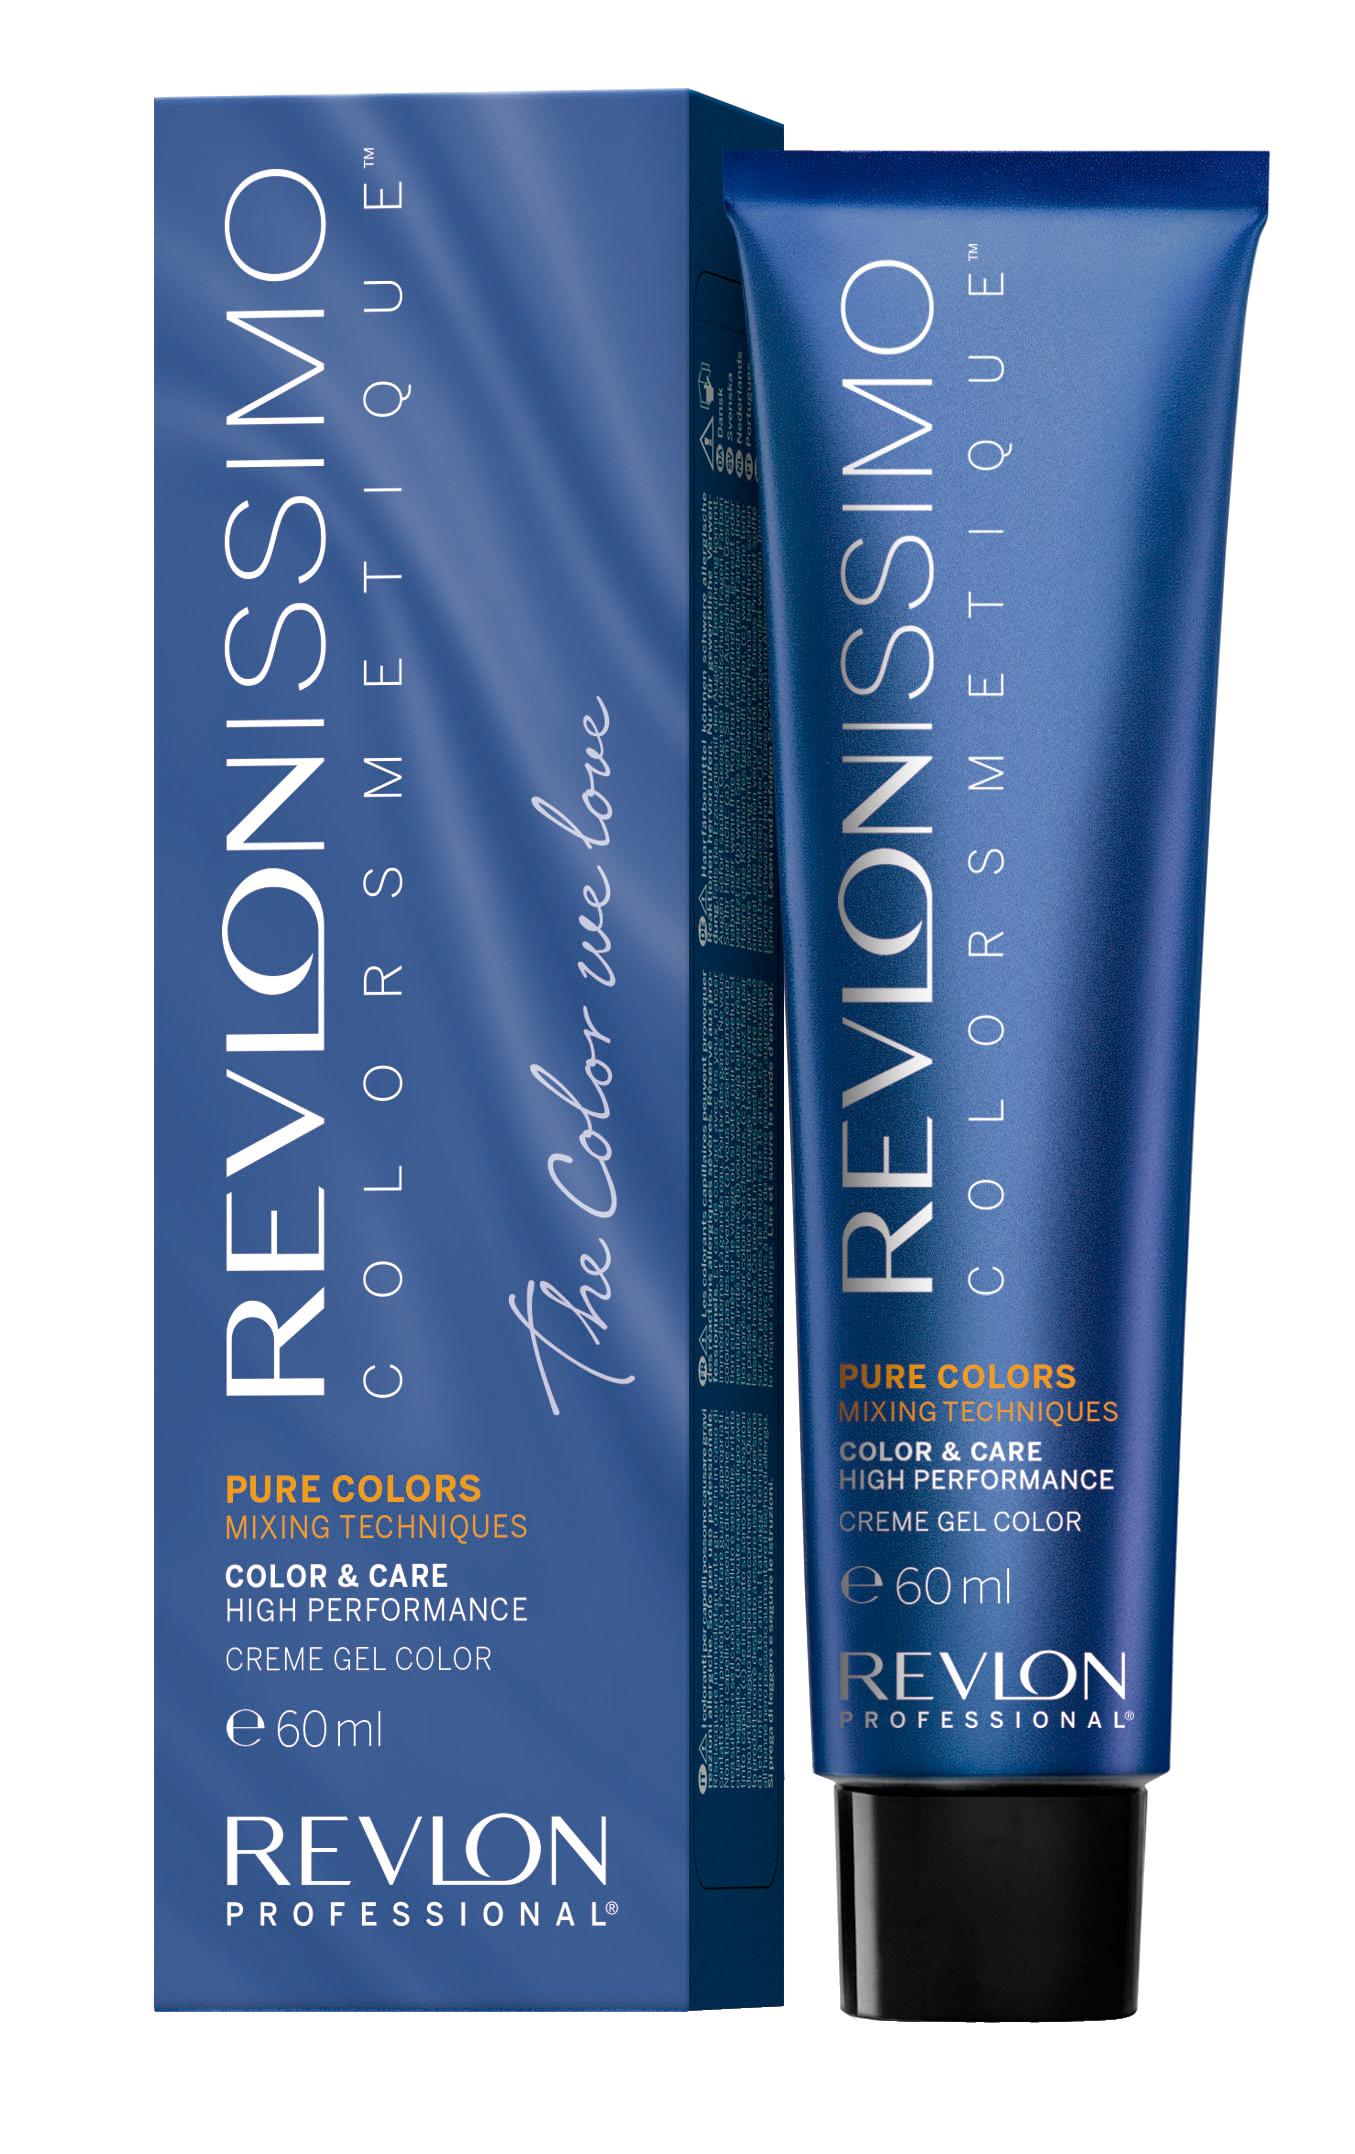 REVLON 0.11 краска для волос, интенсивный пепел / RP REVLONISSIMO COLORSMETIQUE PURE COLORS 60млКраски<br>Профессиональный перманентный краситель для всех типов волос. Активные ингредиенты: пропиленгликоль, цетеариловый спирт, кокамидопропилбетаин.<br><br>Цвет: Пепельный<br>Класс косметики: Профессиональная<br>Типы волос: Для всех типов